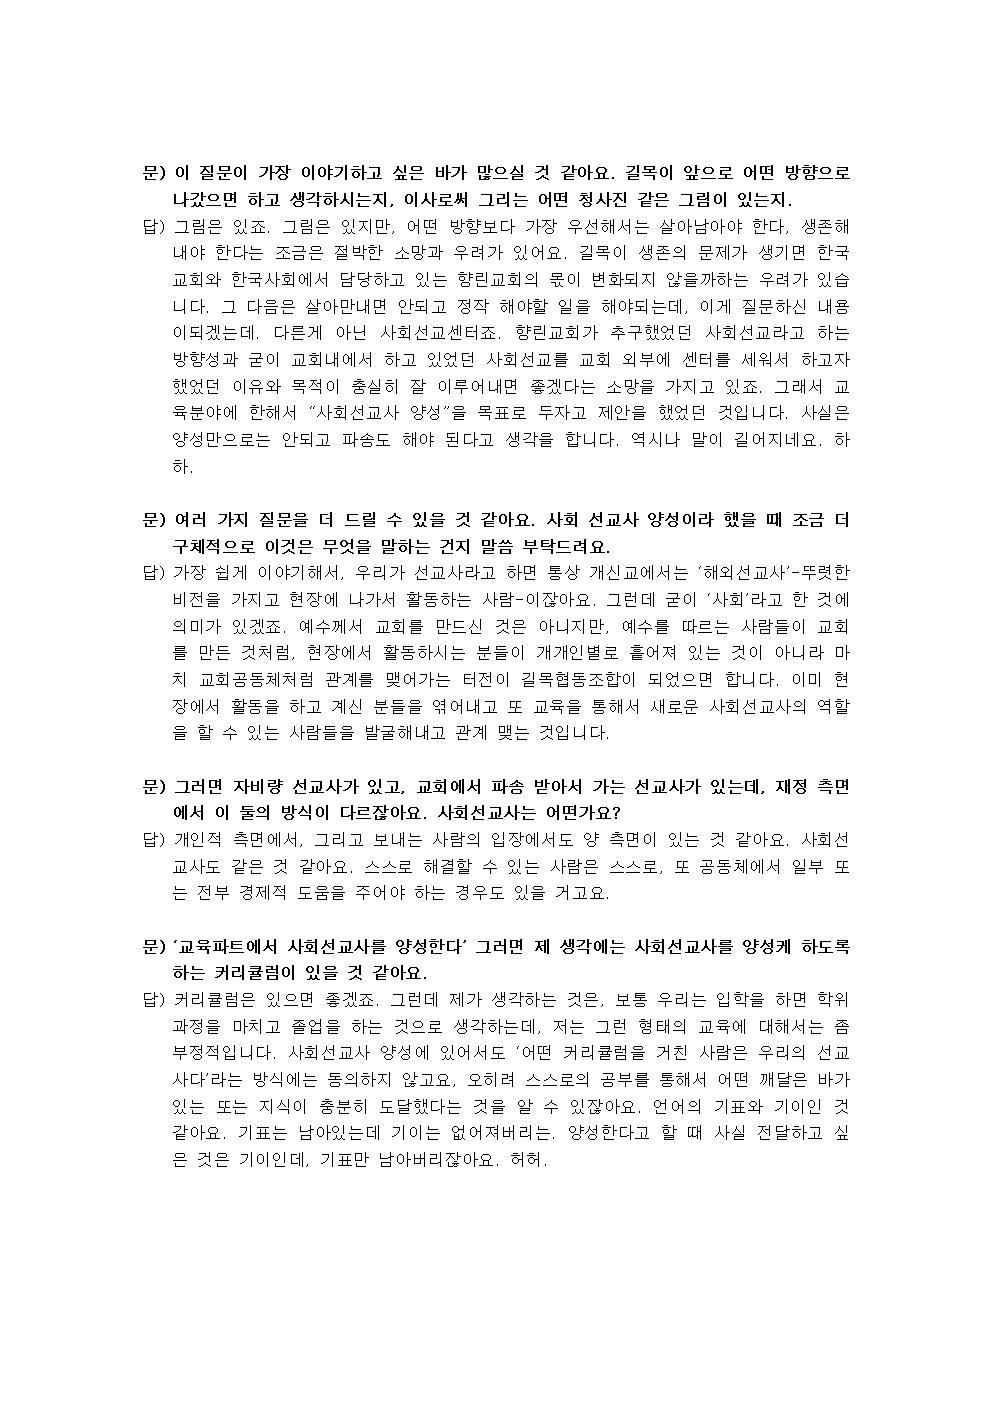 설두복 이사님 인터뷰002.jpg